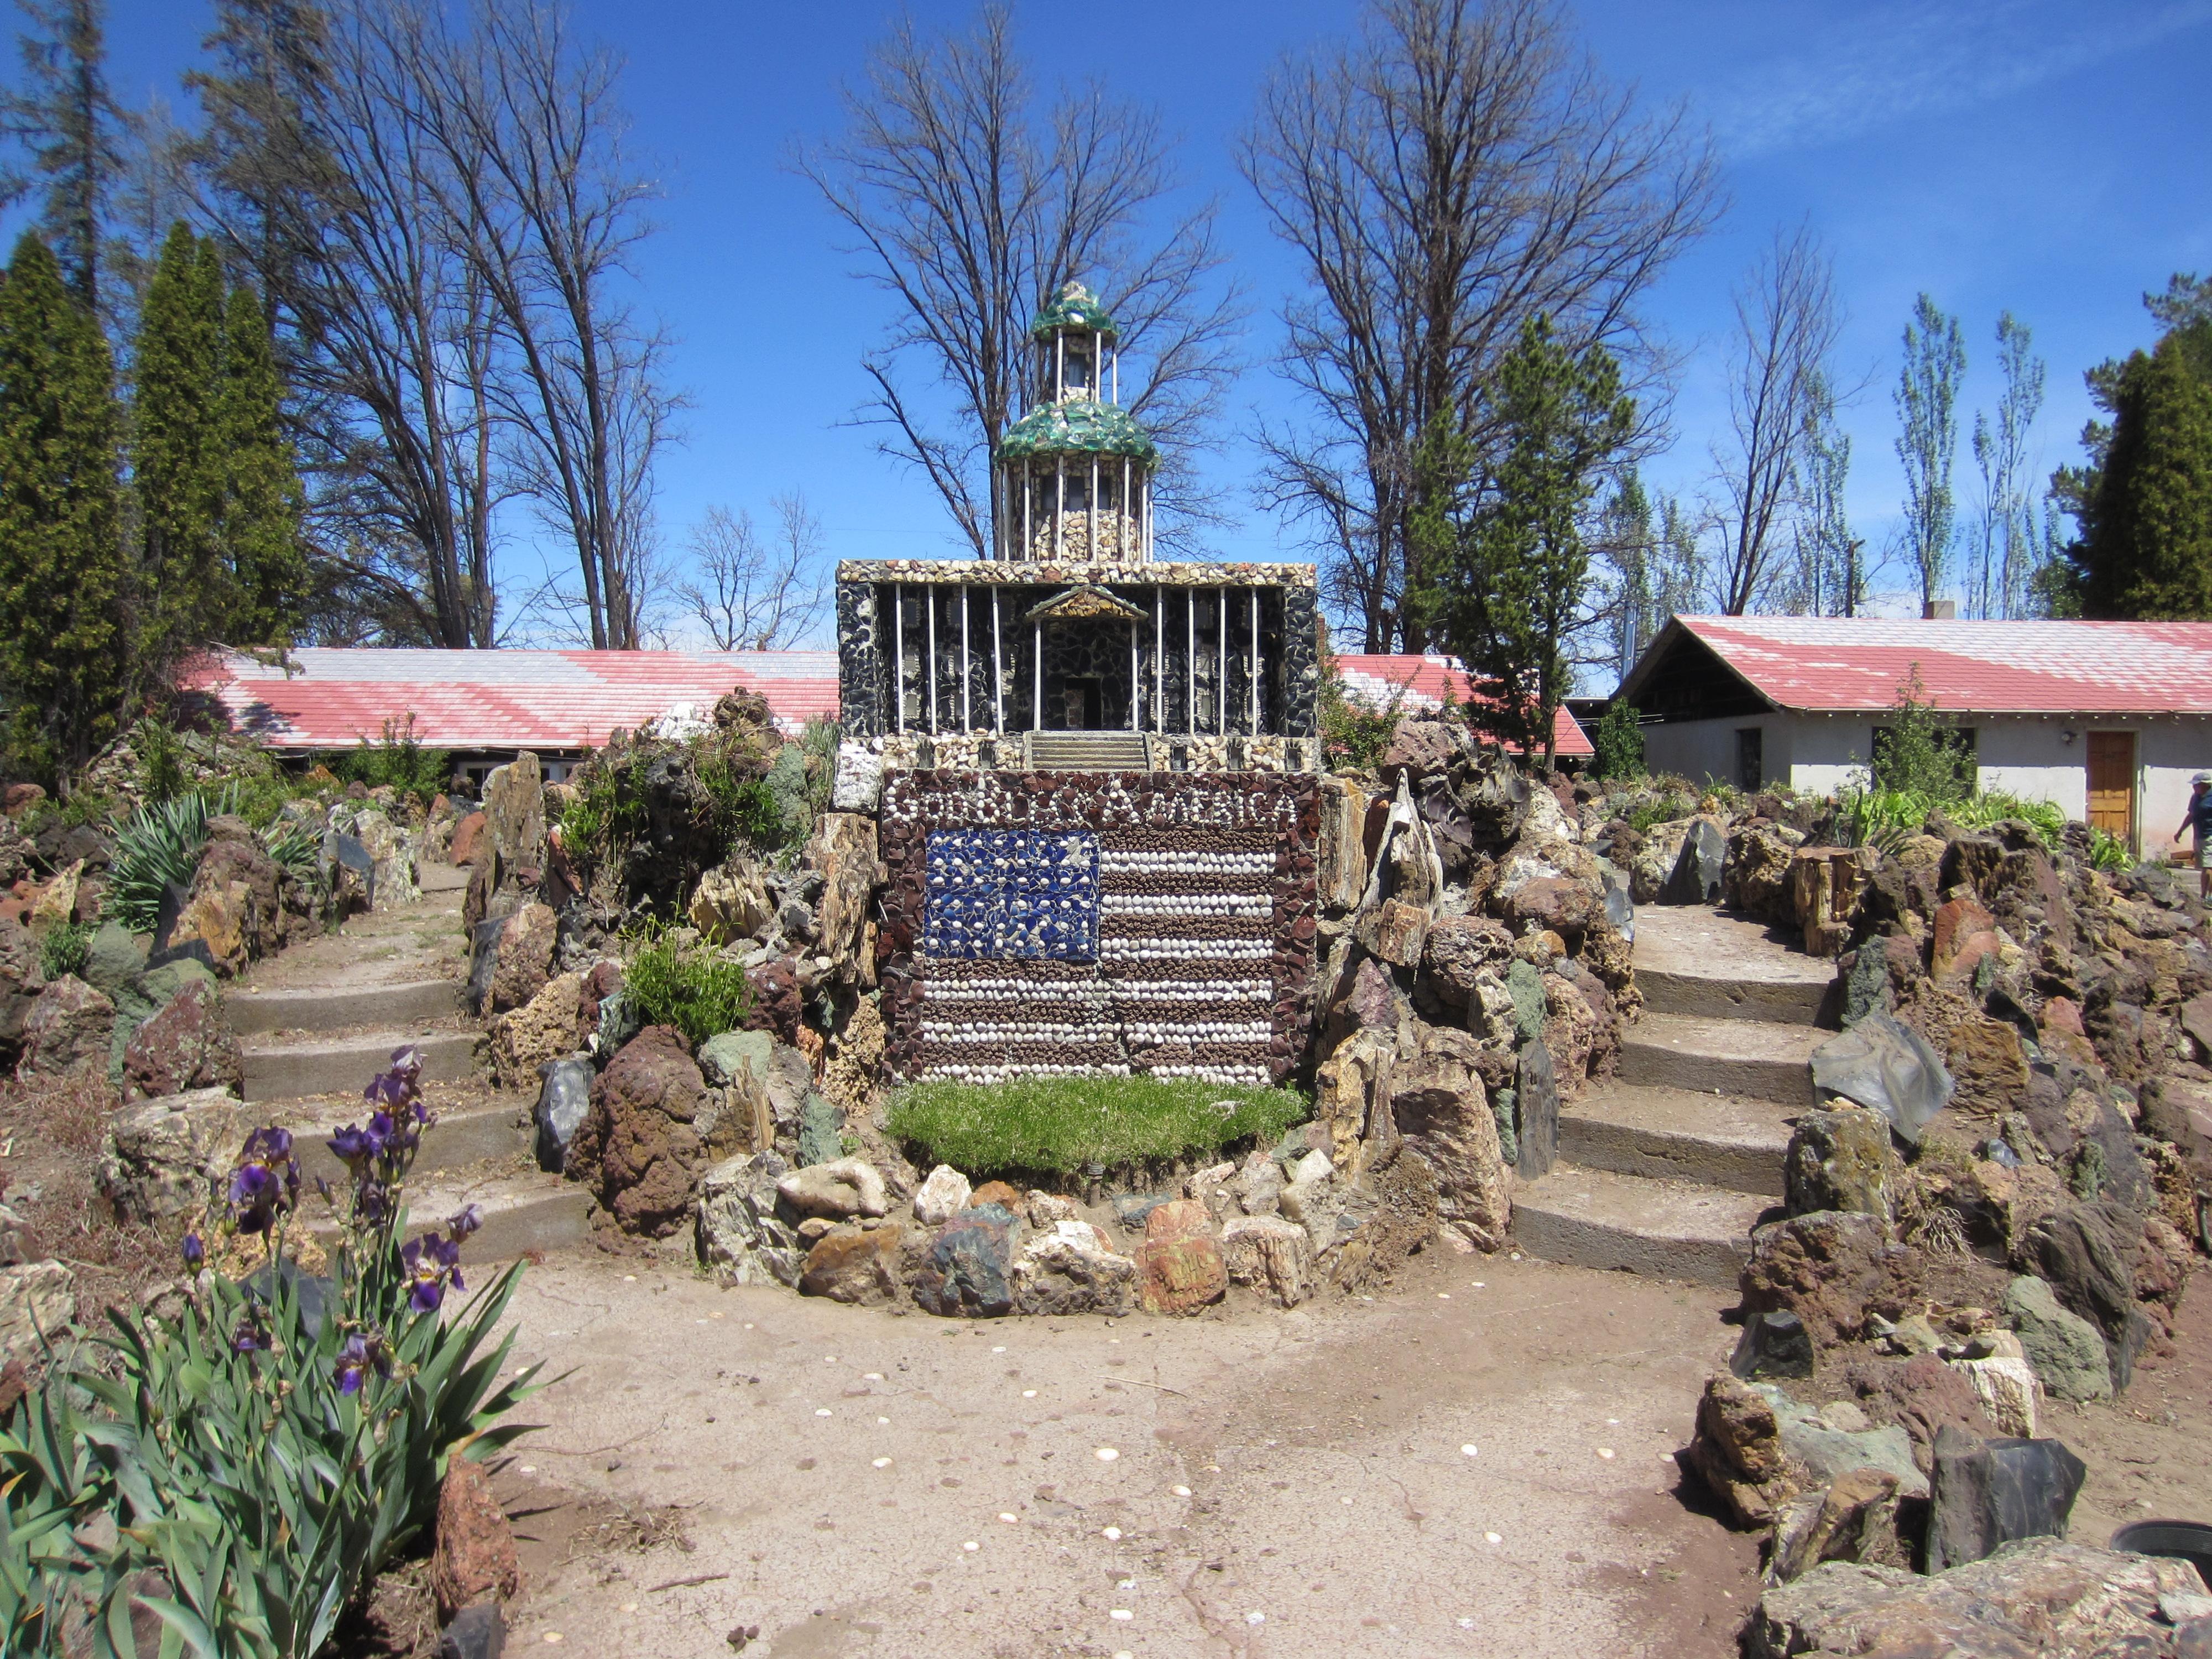 Incroyable File:Petersen Rock Garden   Oregon (2013)   09.JPG